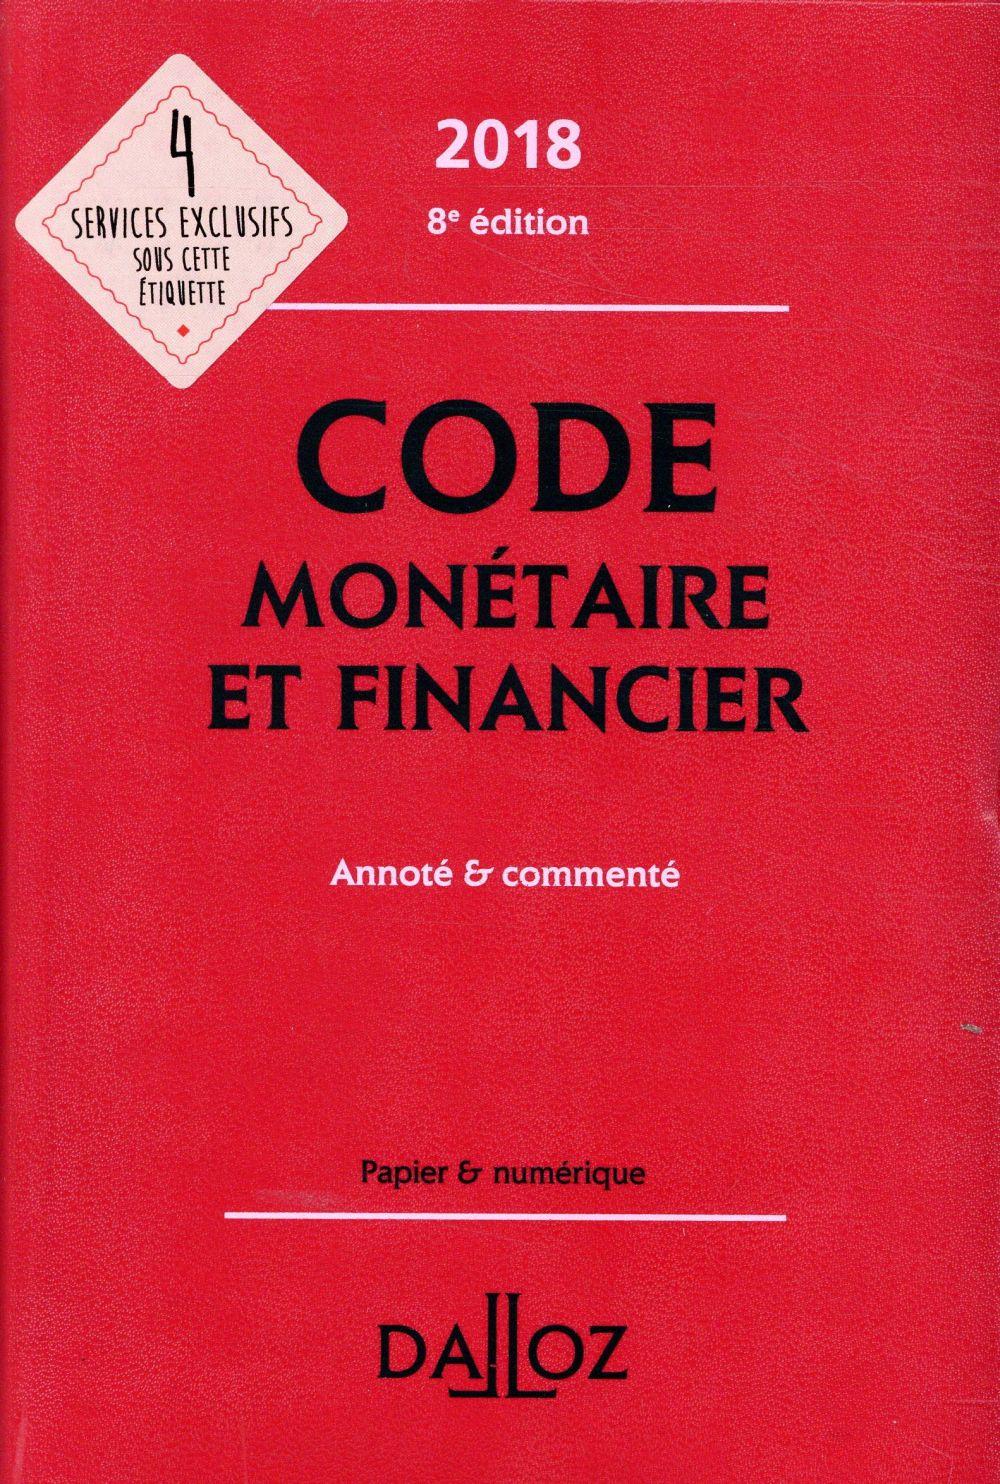 Code monétaire et financier annoté et commenté (édition 2018)